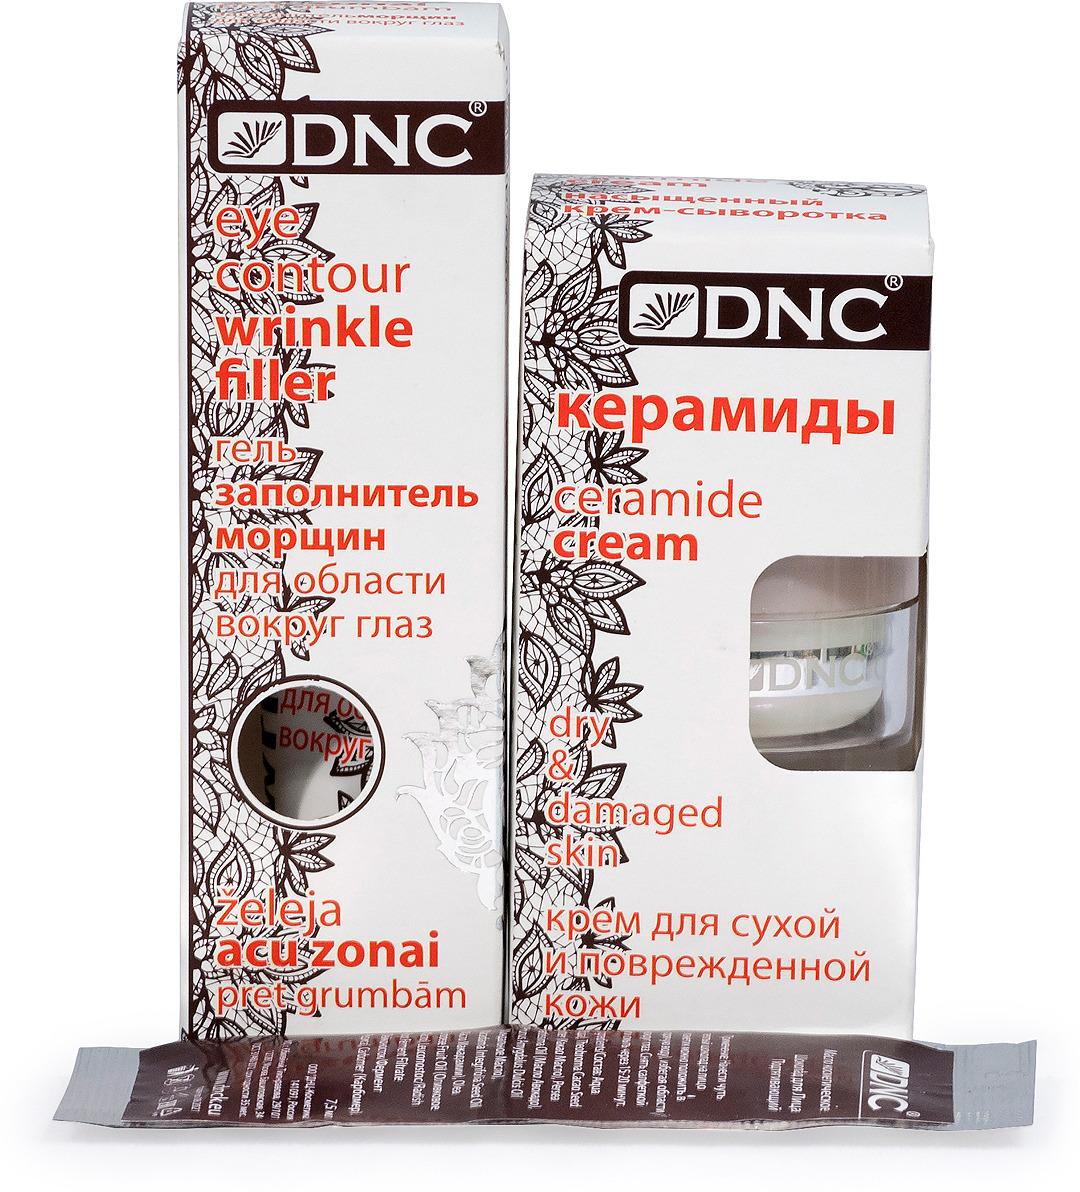 """Набор DNC """"Керамиды"""" крем для сухой и поврежденной кожи, 15 мл + заполнитель морщин вокруг глаз, 15 мл + шоколад для лица, 7,5 мл"""